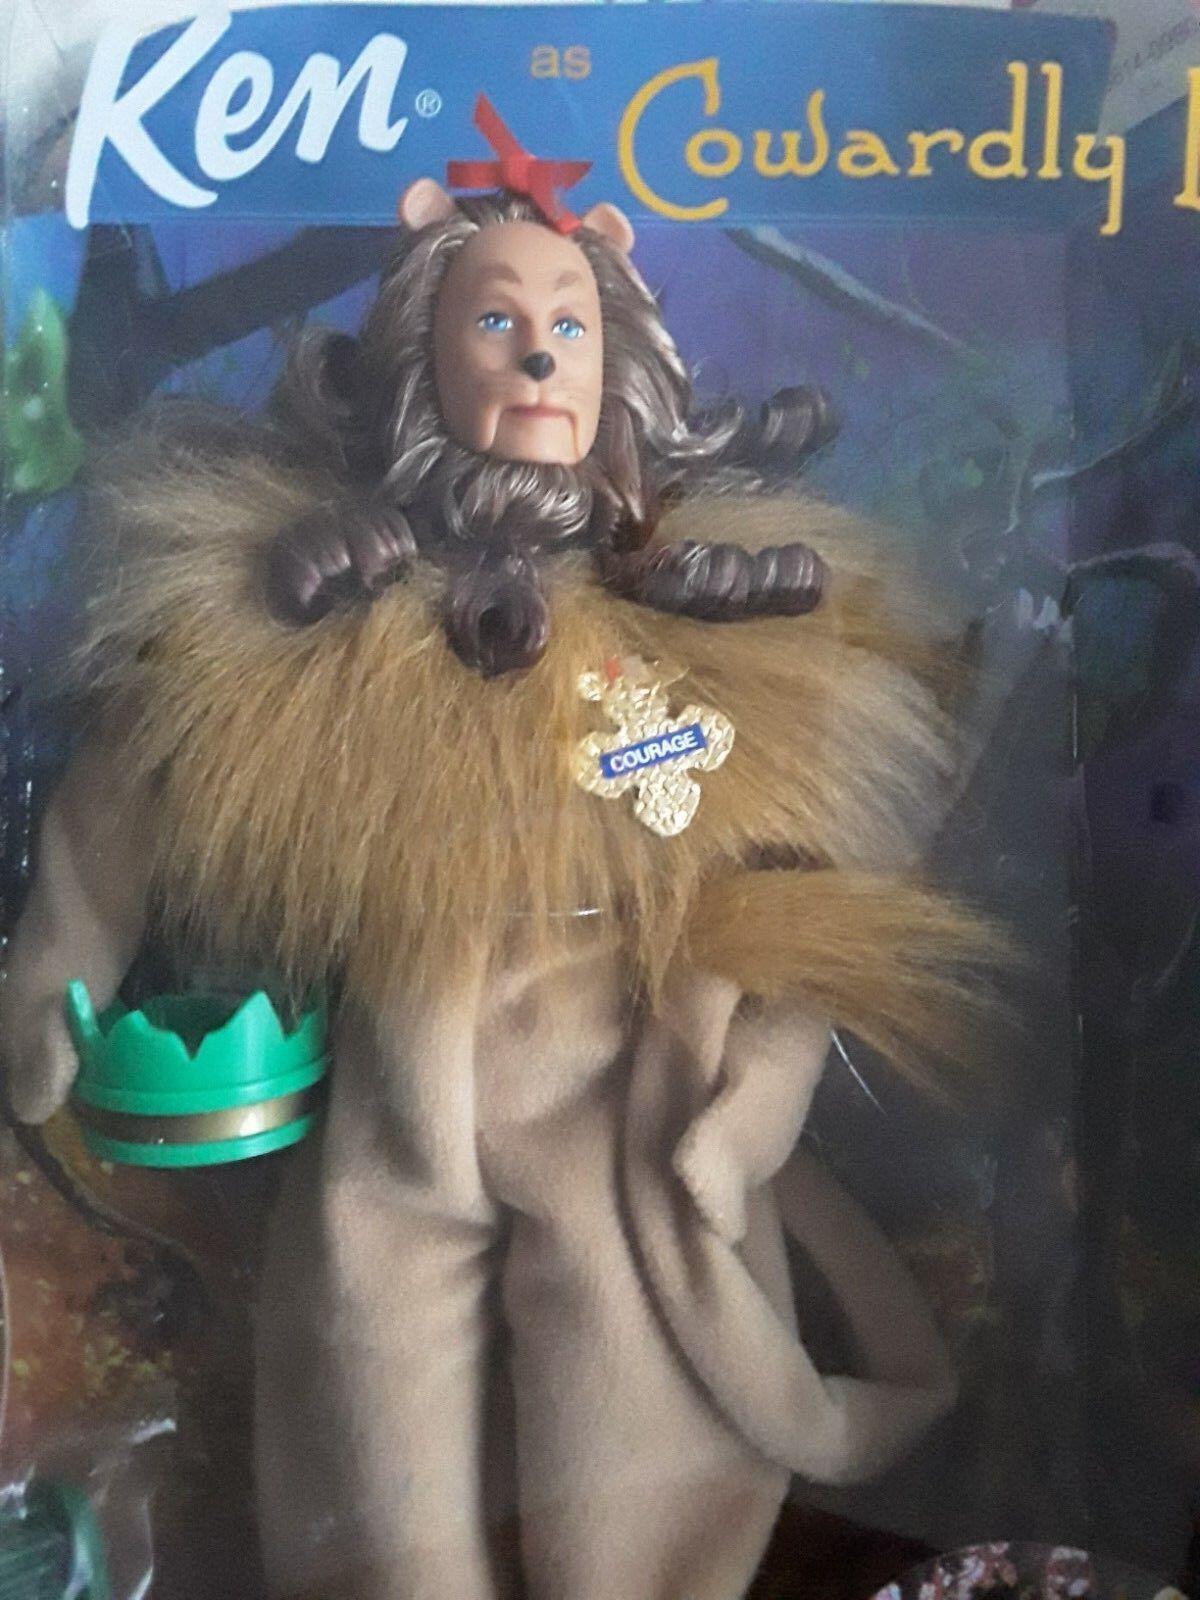 Barbie Wizard Of Oz.  Magicien d'Oz  Ken  The Cowardly Lion  Collector Mattel